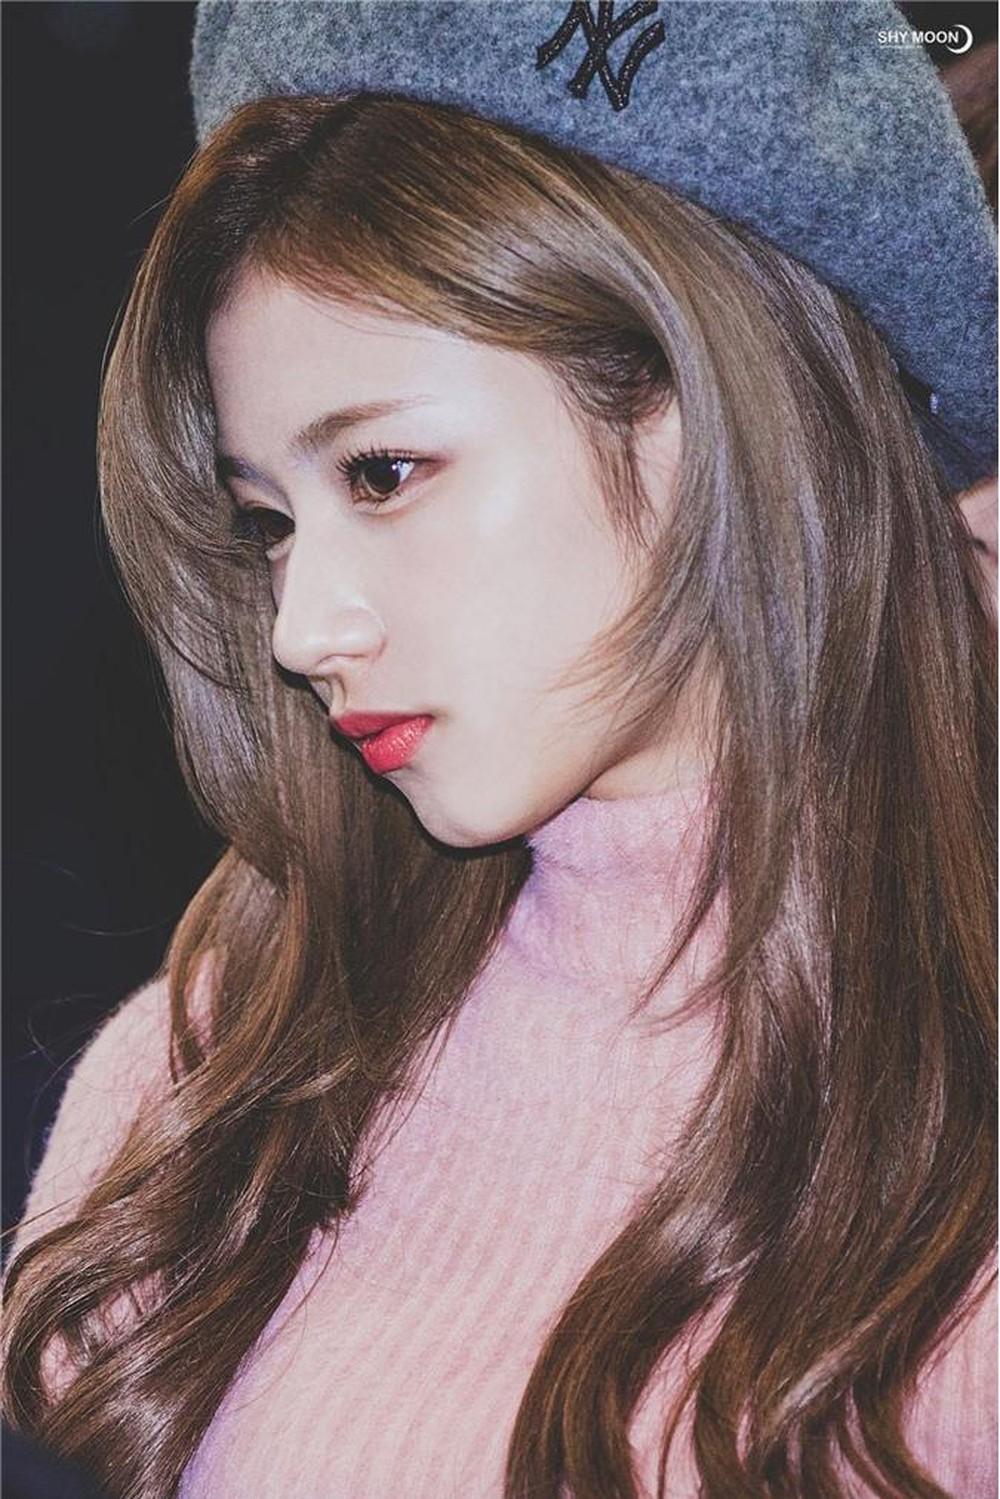 Top 7 idol nữ sở hữu chiếc mũi cao tự nhiên nhất: Jisoo với góc nghiêng xuất sắc nhưng phải chịu thua vẻ đẹp của người này - Ảnh 2